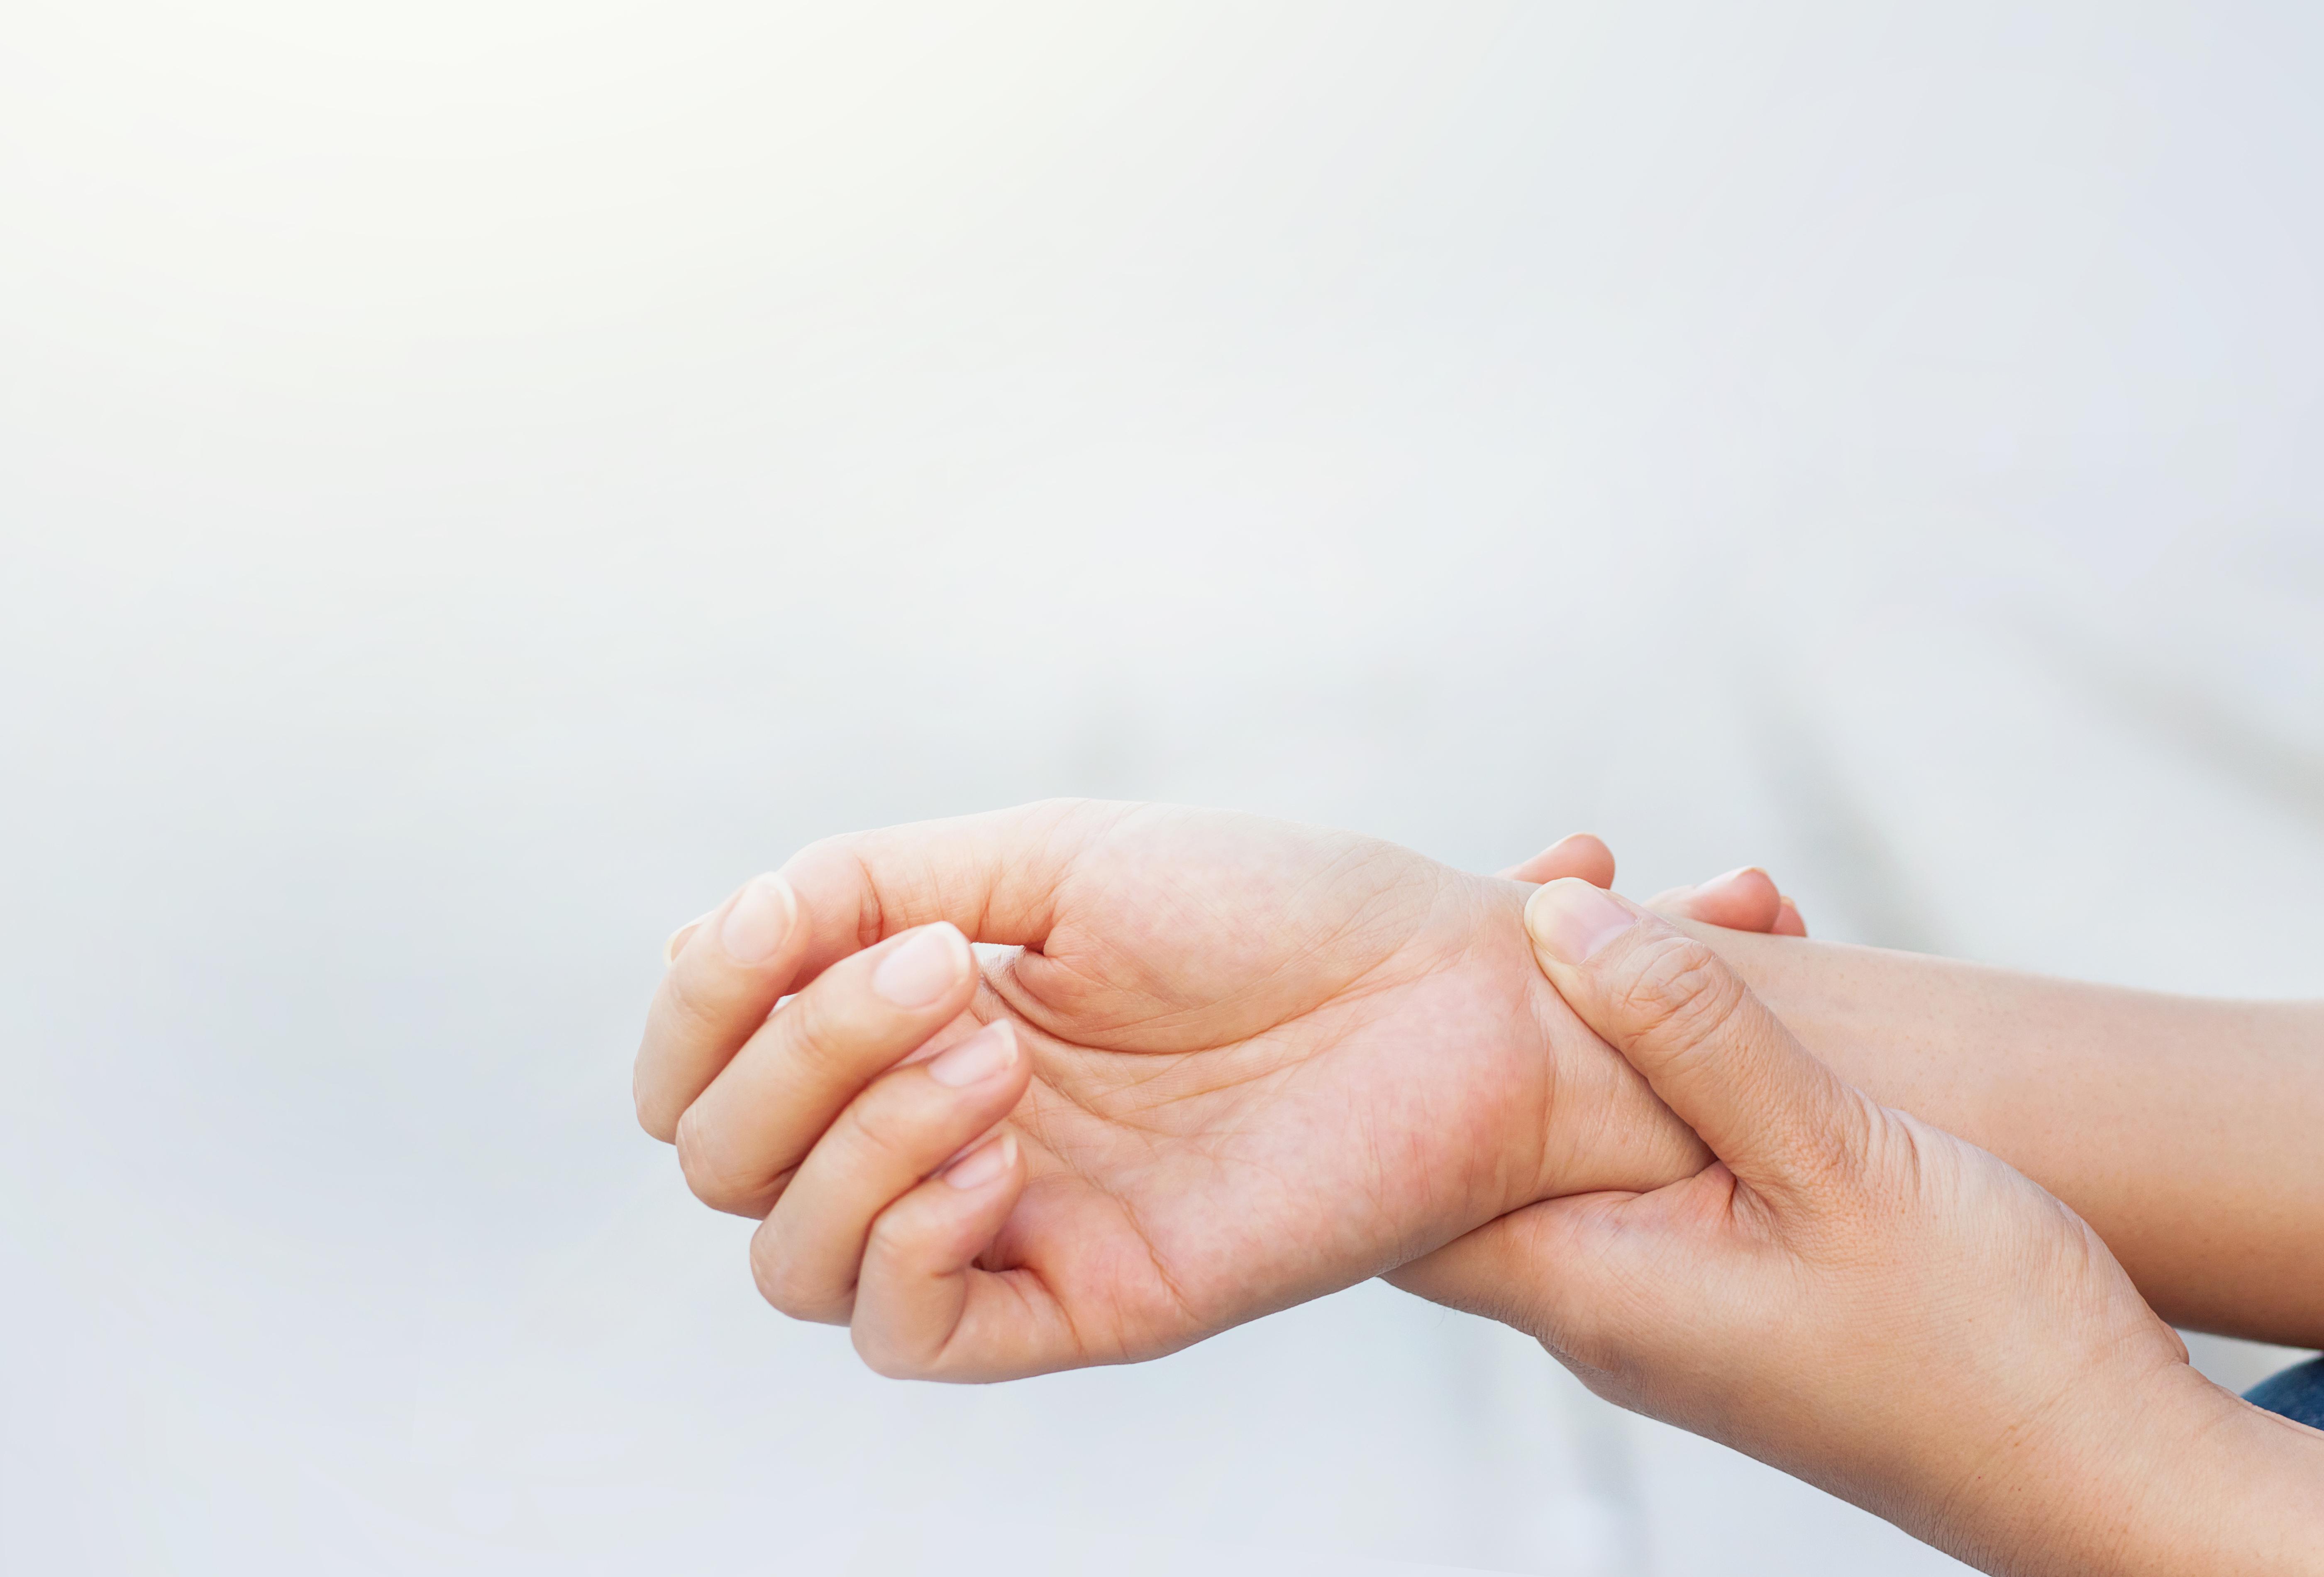 inflammation i senor i handen